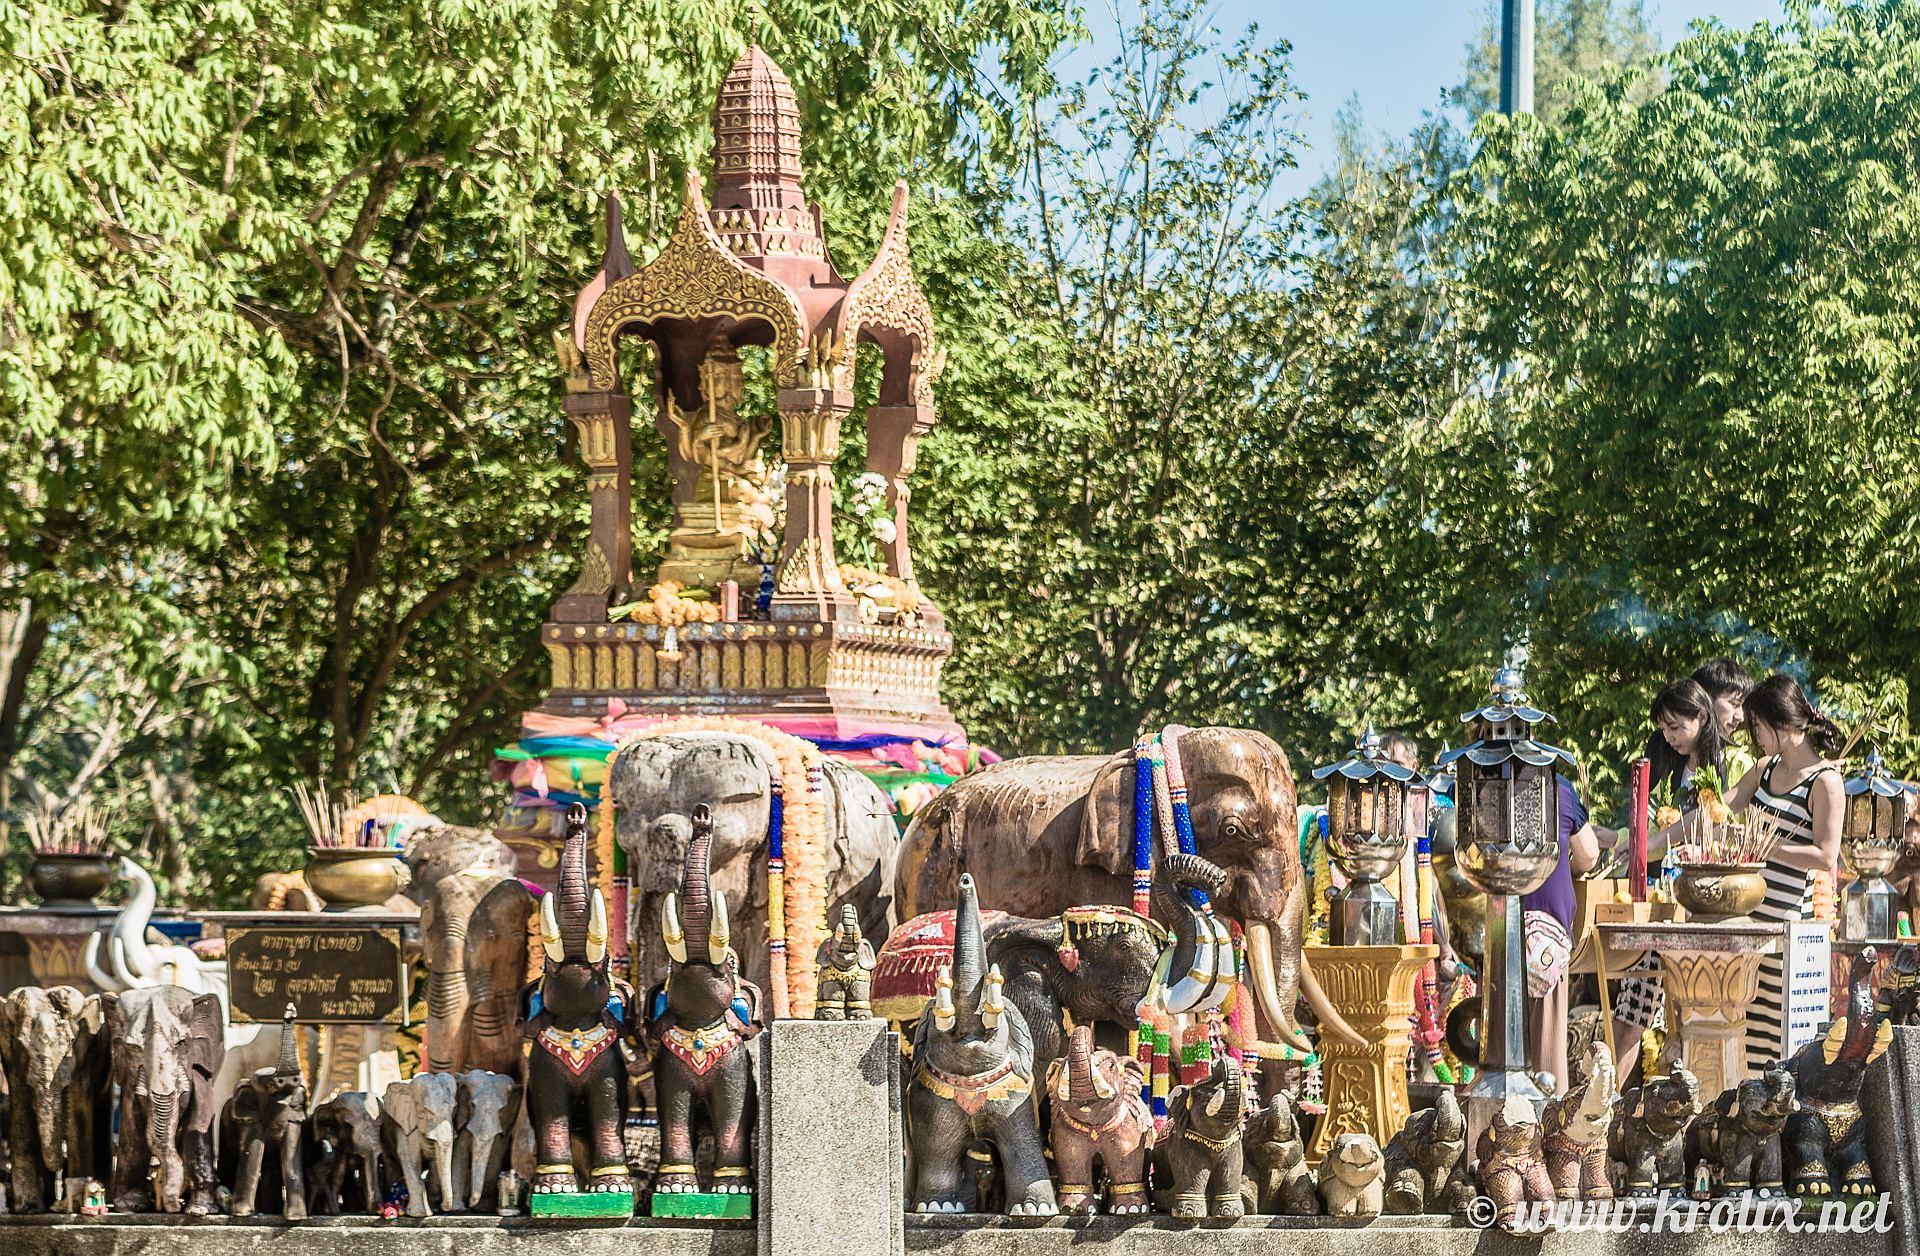 и фонтан с кучей слонов.